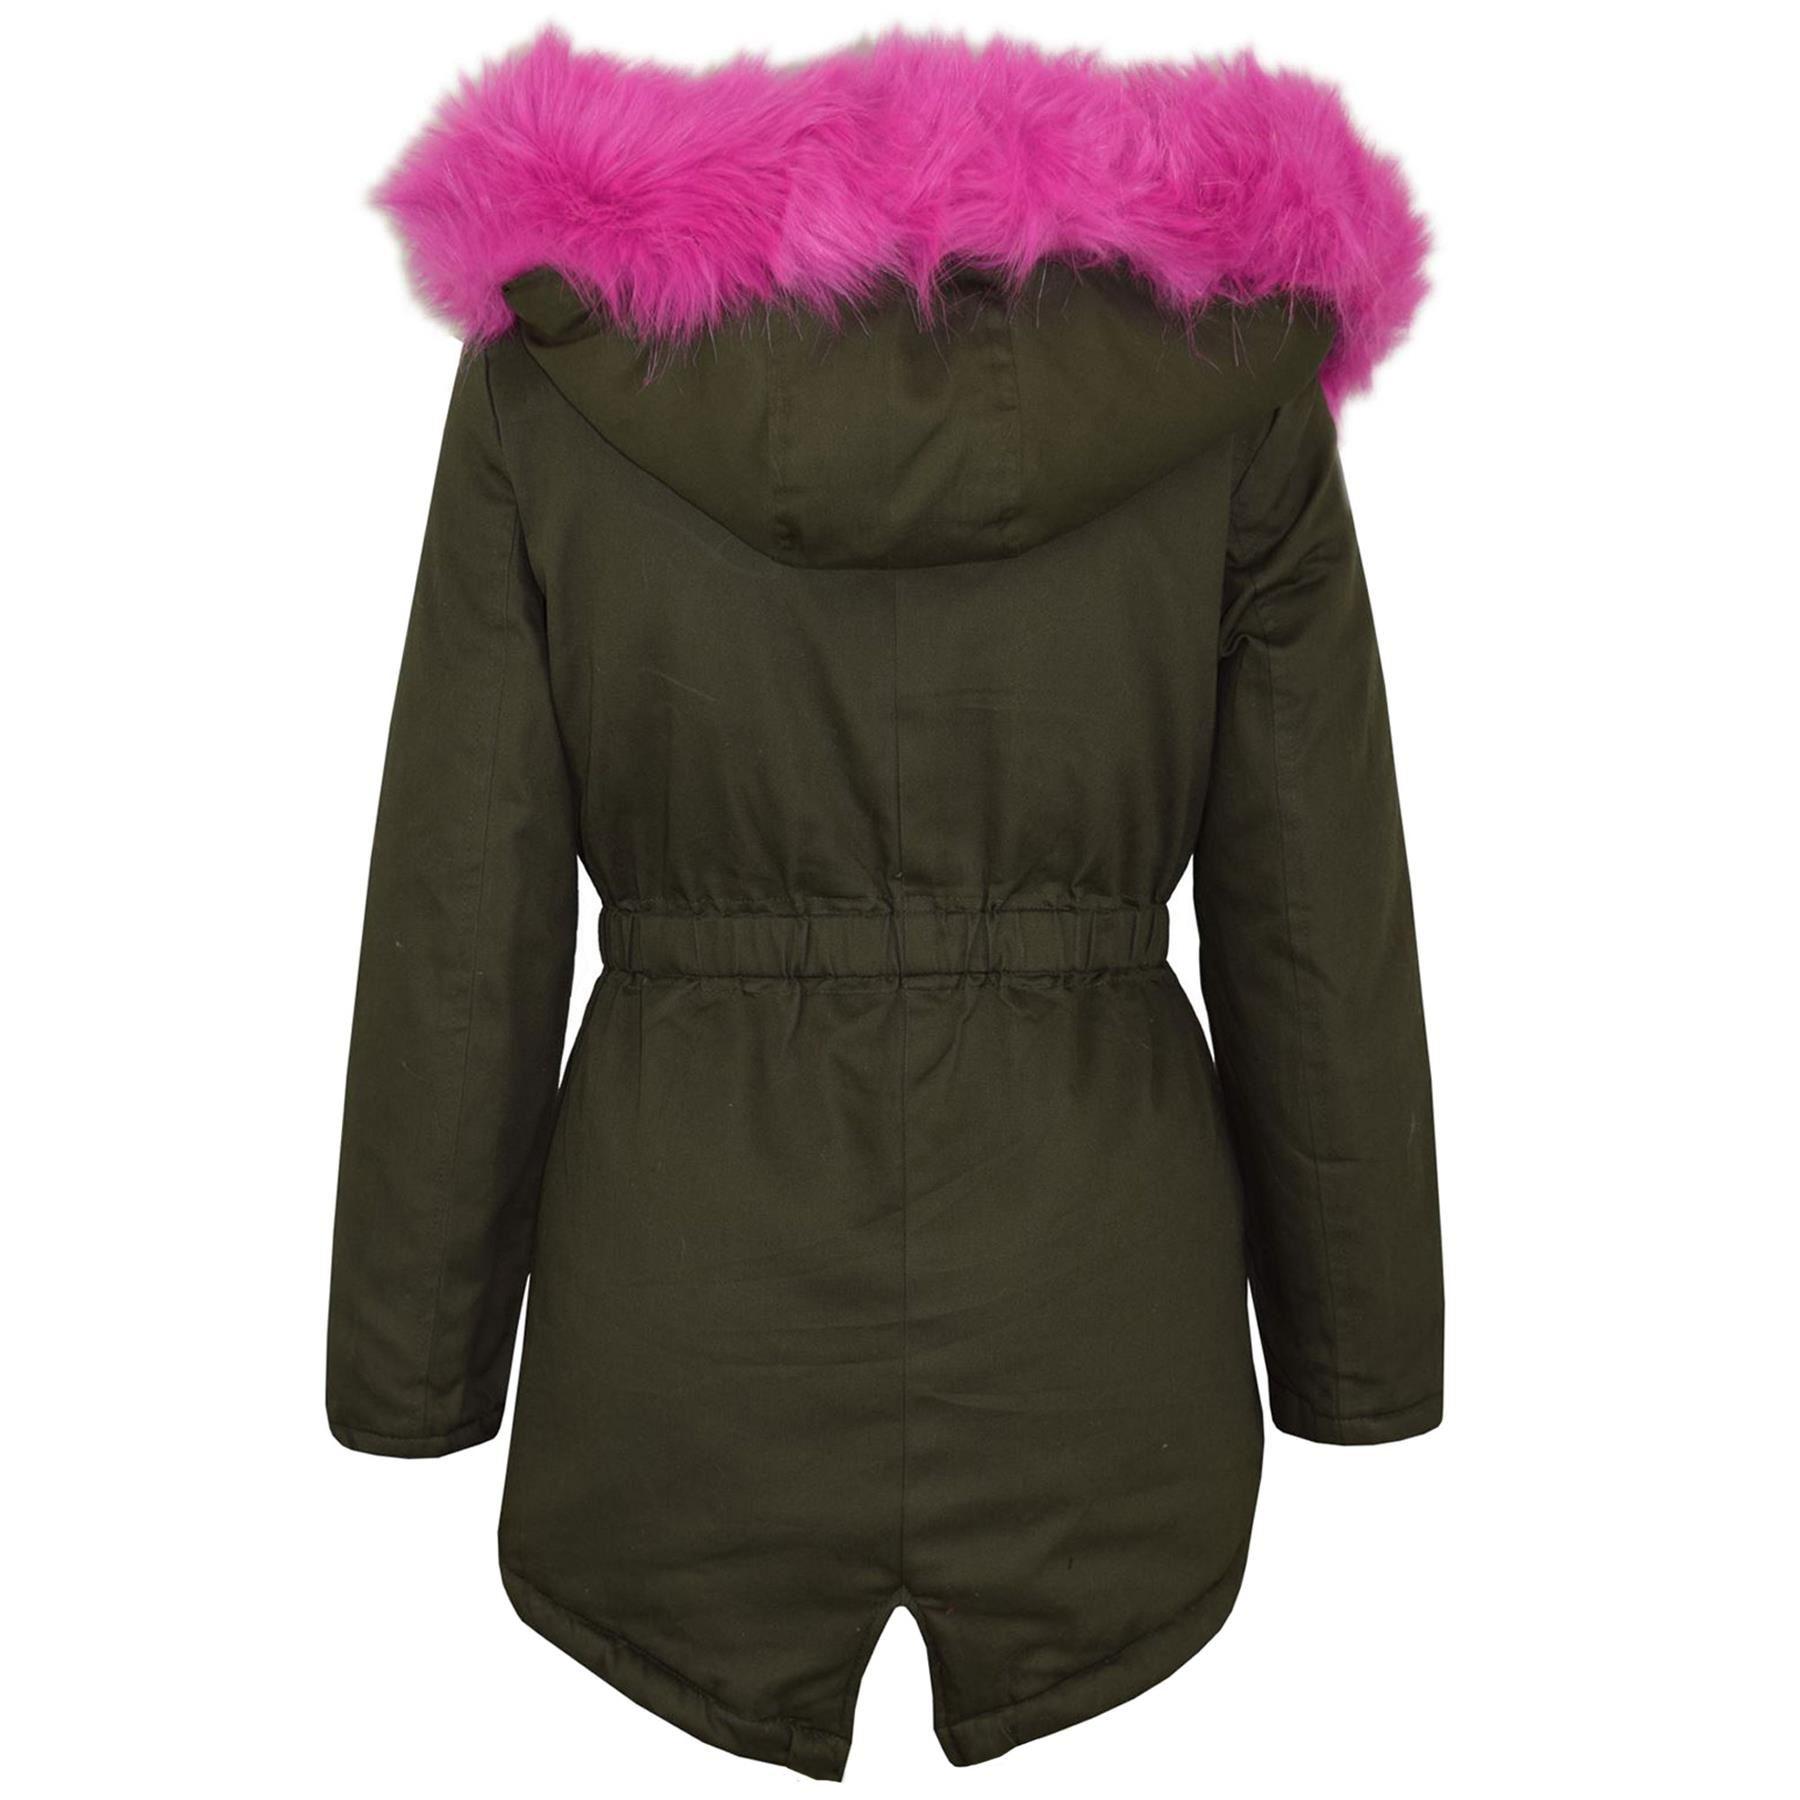 A2Z 4 Kids/® Kids Hooded Jacket Girls Pink Fur Parka School Jackets Outwear Coat New Age 7 8 9 10 11 12 13 Years